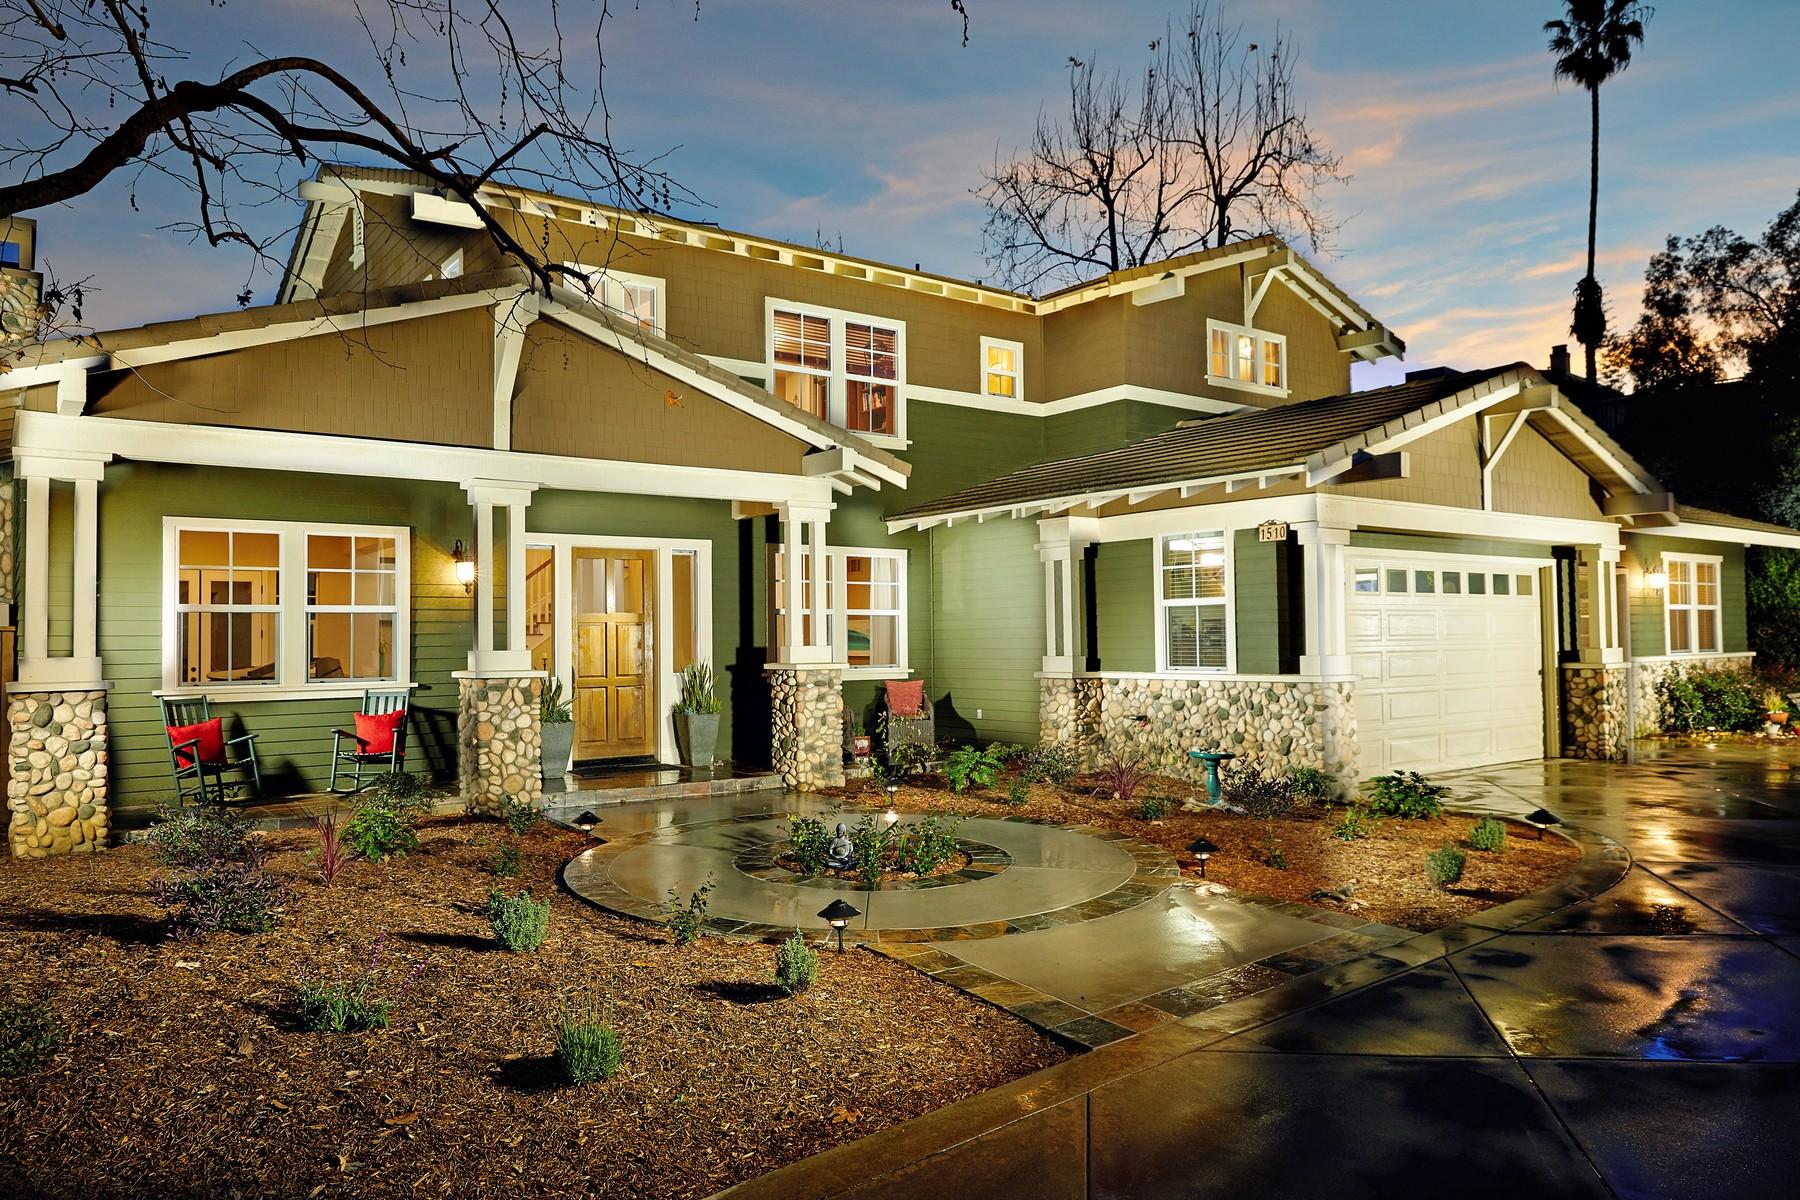 Частный односемейный дом для того Продажа на 1510 Gershwin Street Cardiff By The Sea, Калифорния 92007 Соединенные Штаты